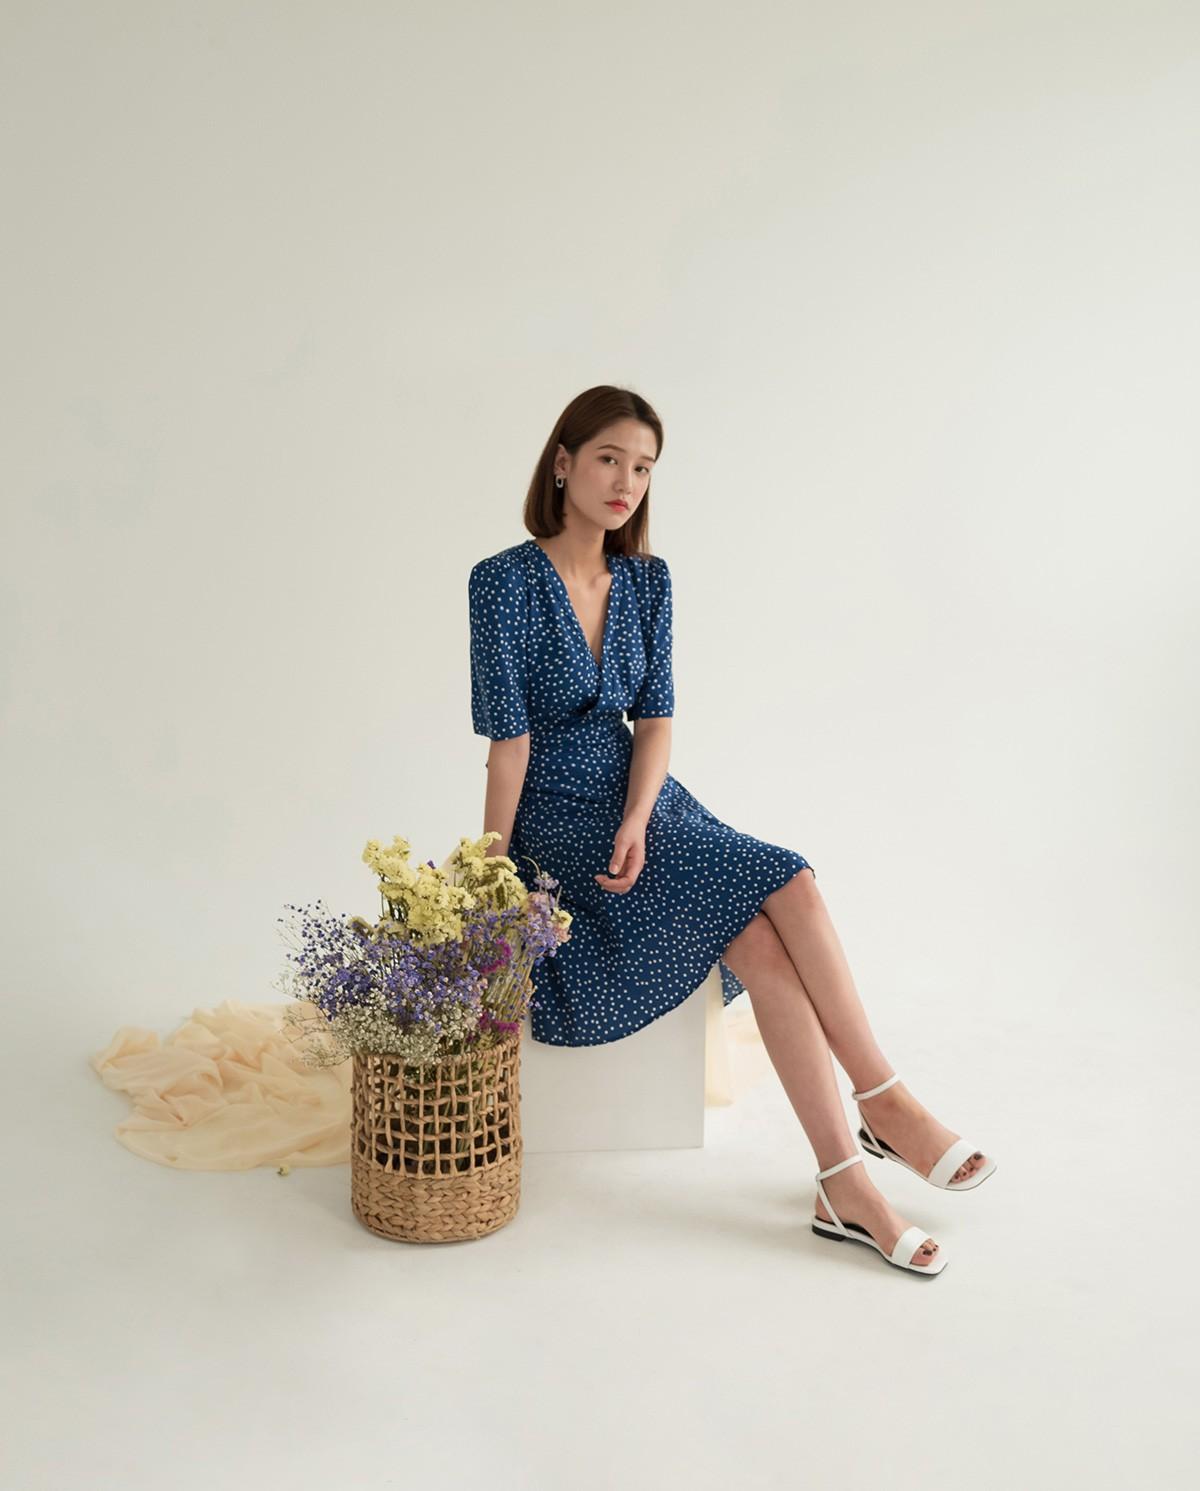 """4 mẫu váy đơn giản nhưng thừa độ sang chảnh, tinh tế giúp style của chị em """"sang trang"""" mới huy hoàng - Ảnh 9."""